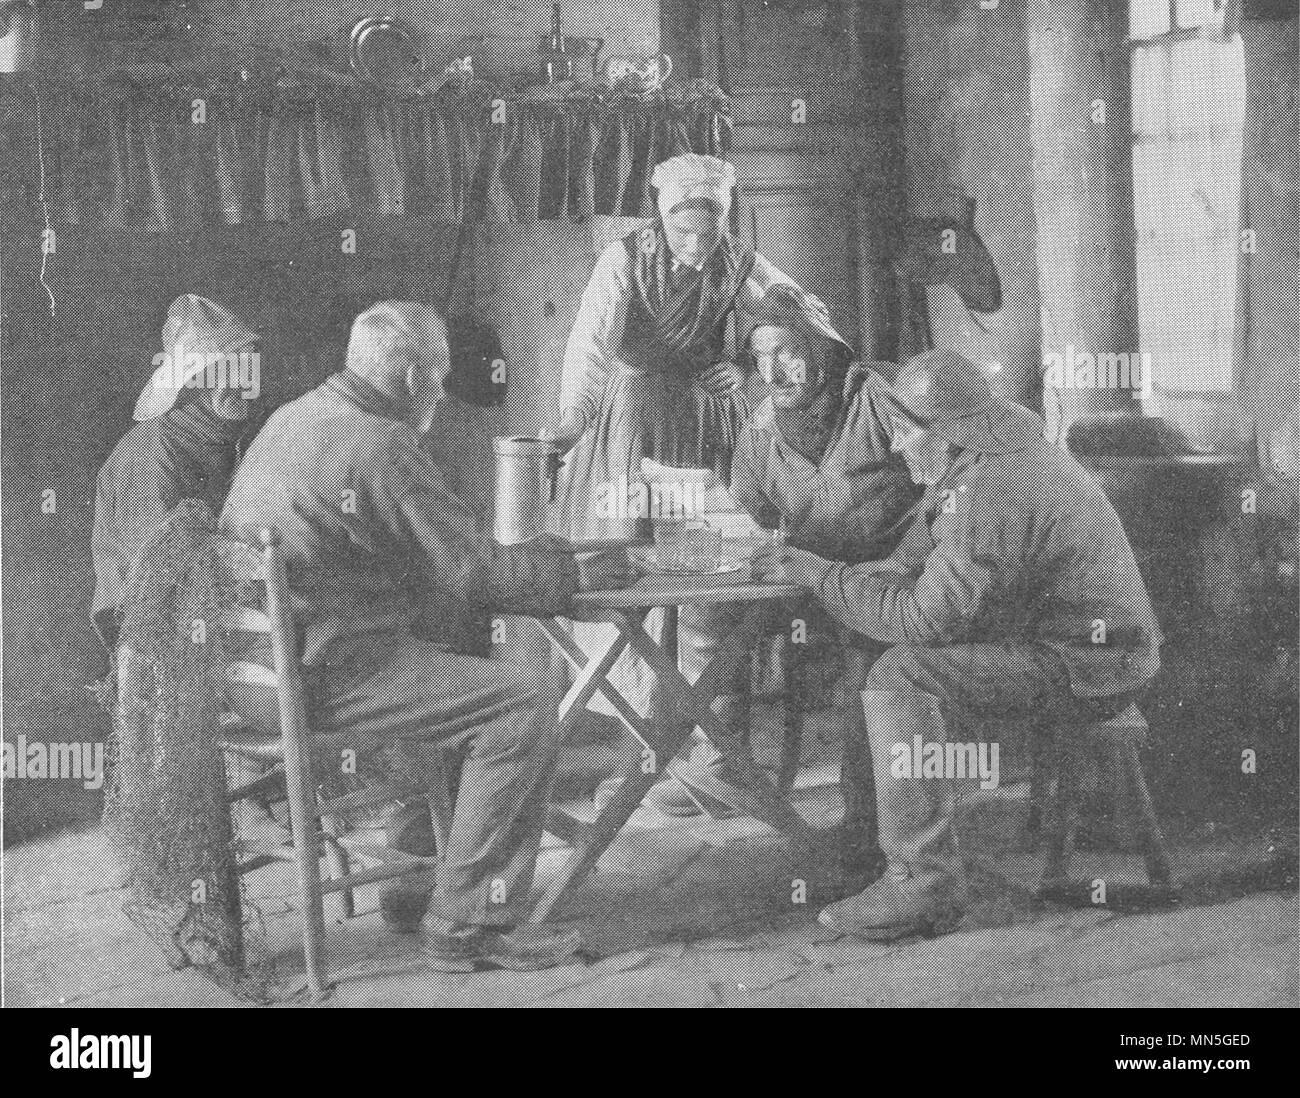 Frankreich. Un Intérieur de pêcheurs 1900 alte antike vintage Bild drucken Stockbild